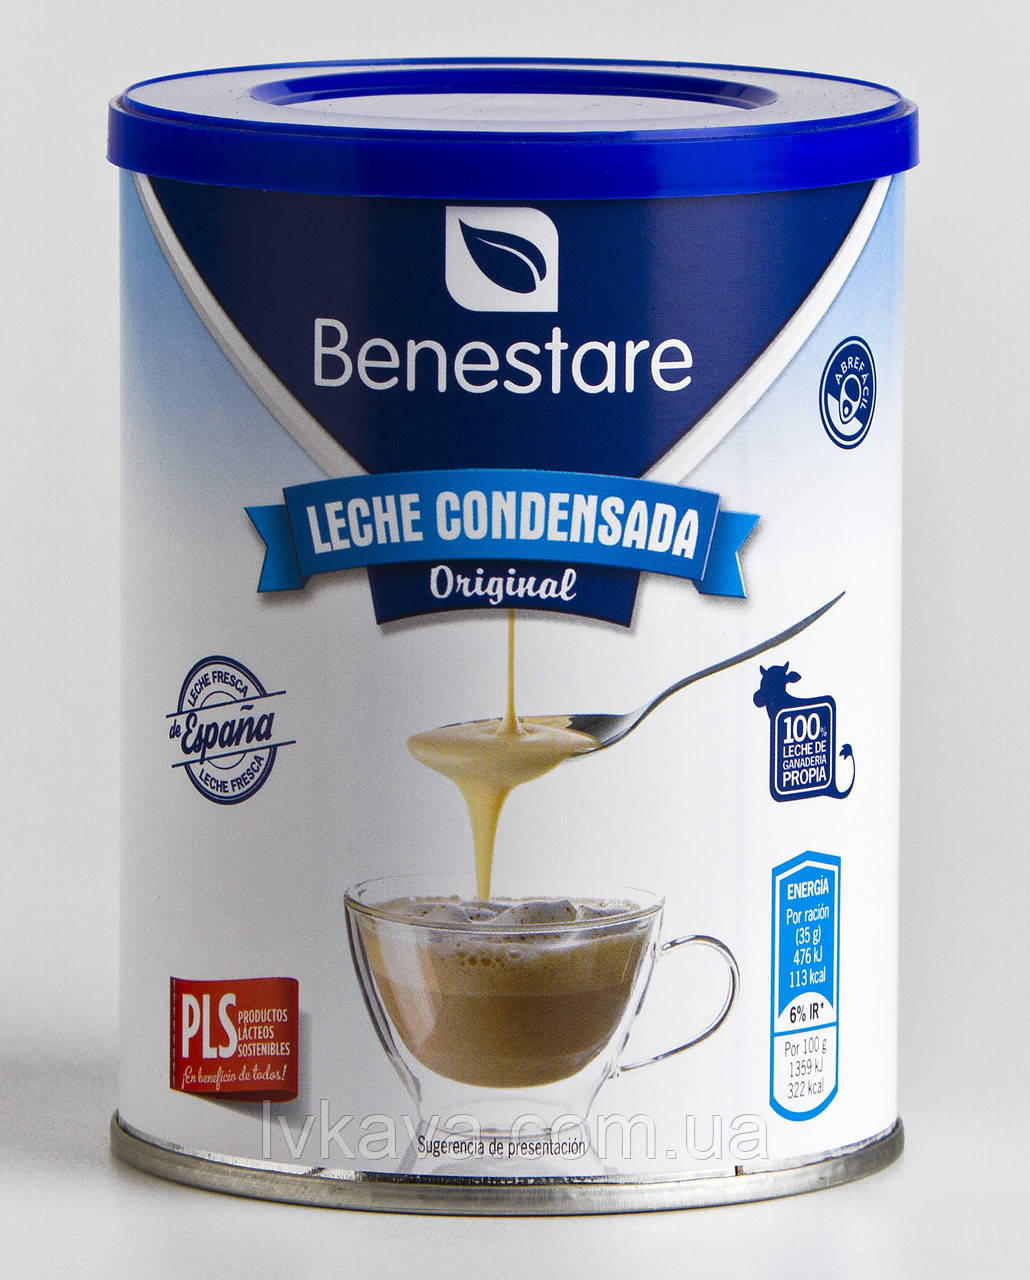 Молоко сгущенное Benestare Leche Condensada Original , 1  кг